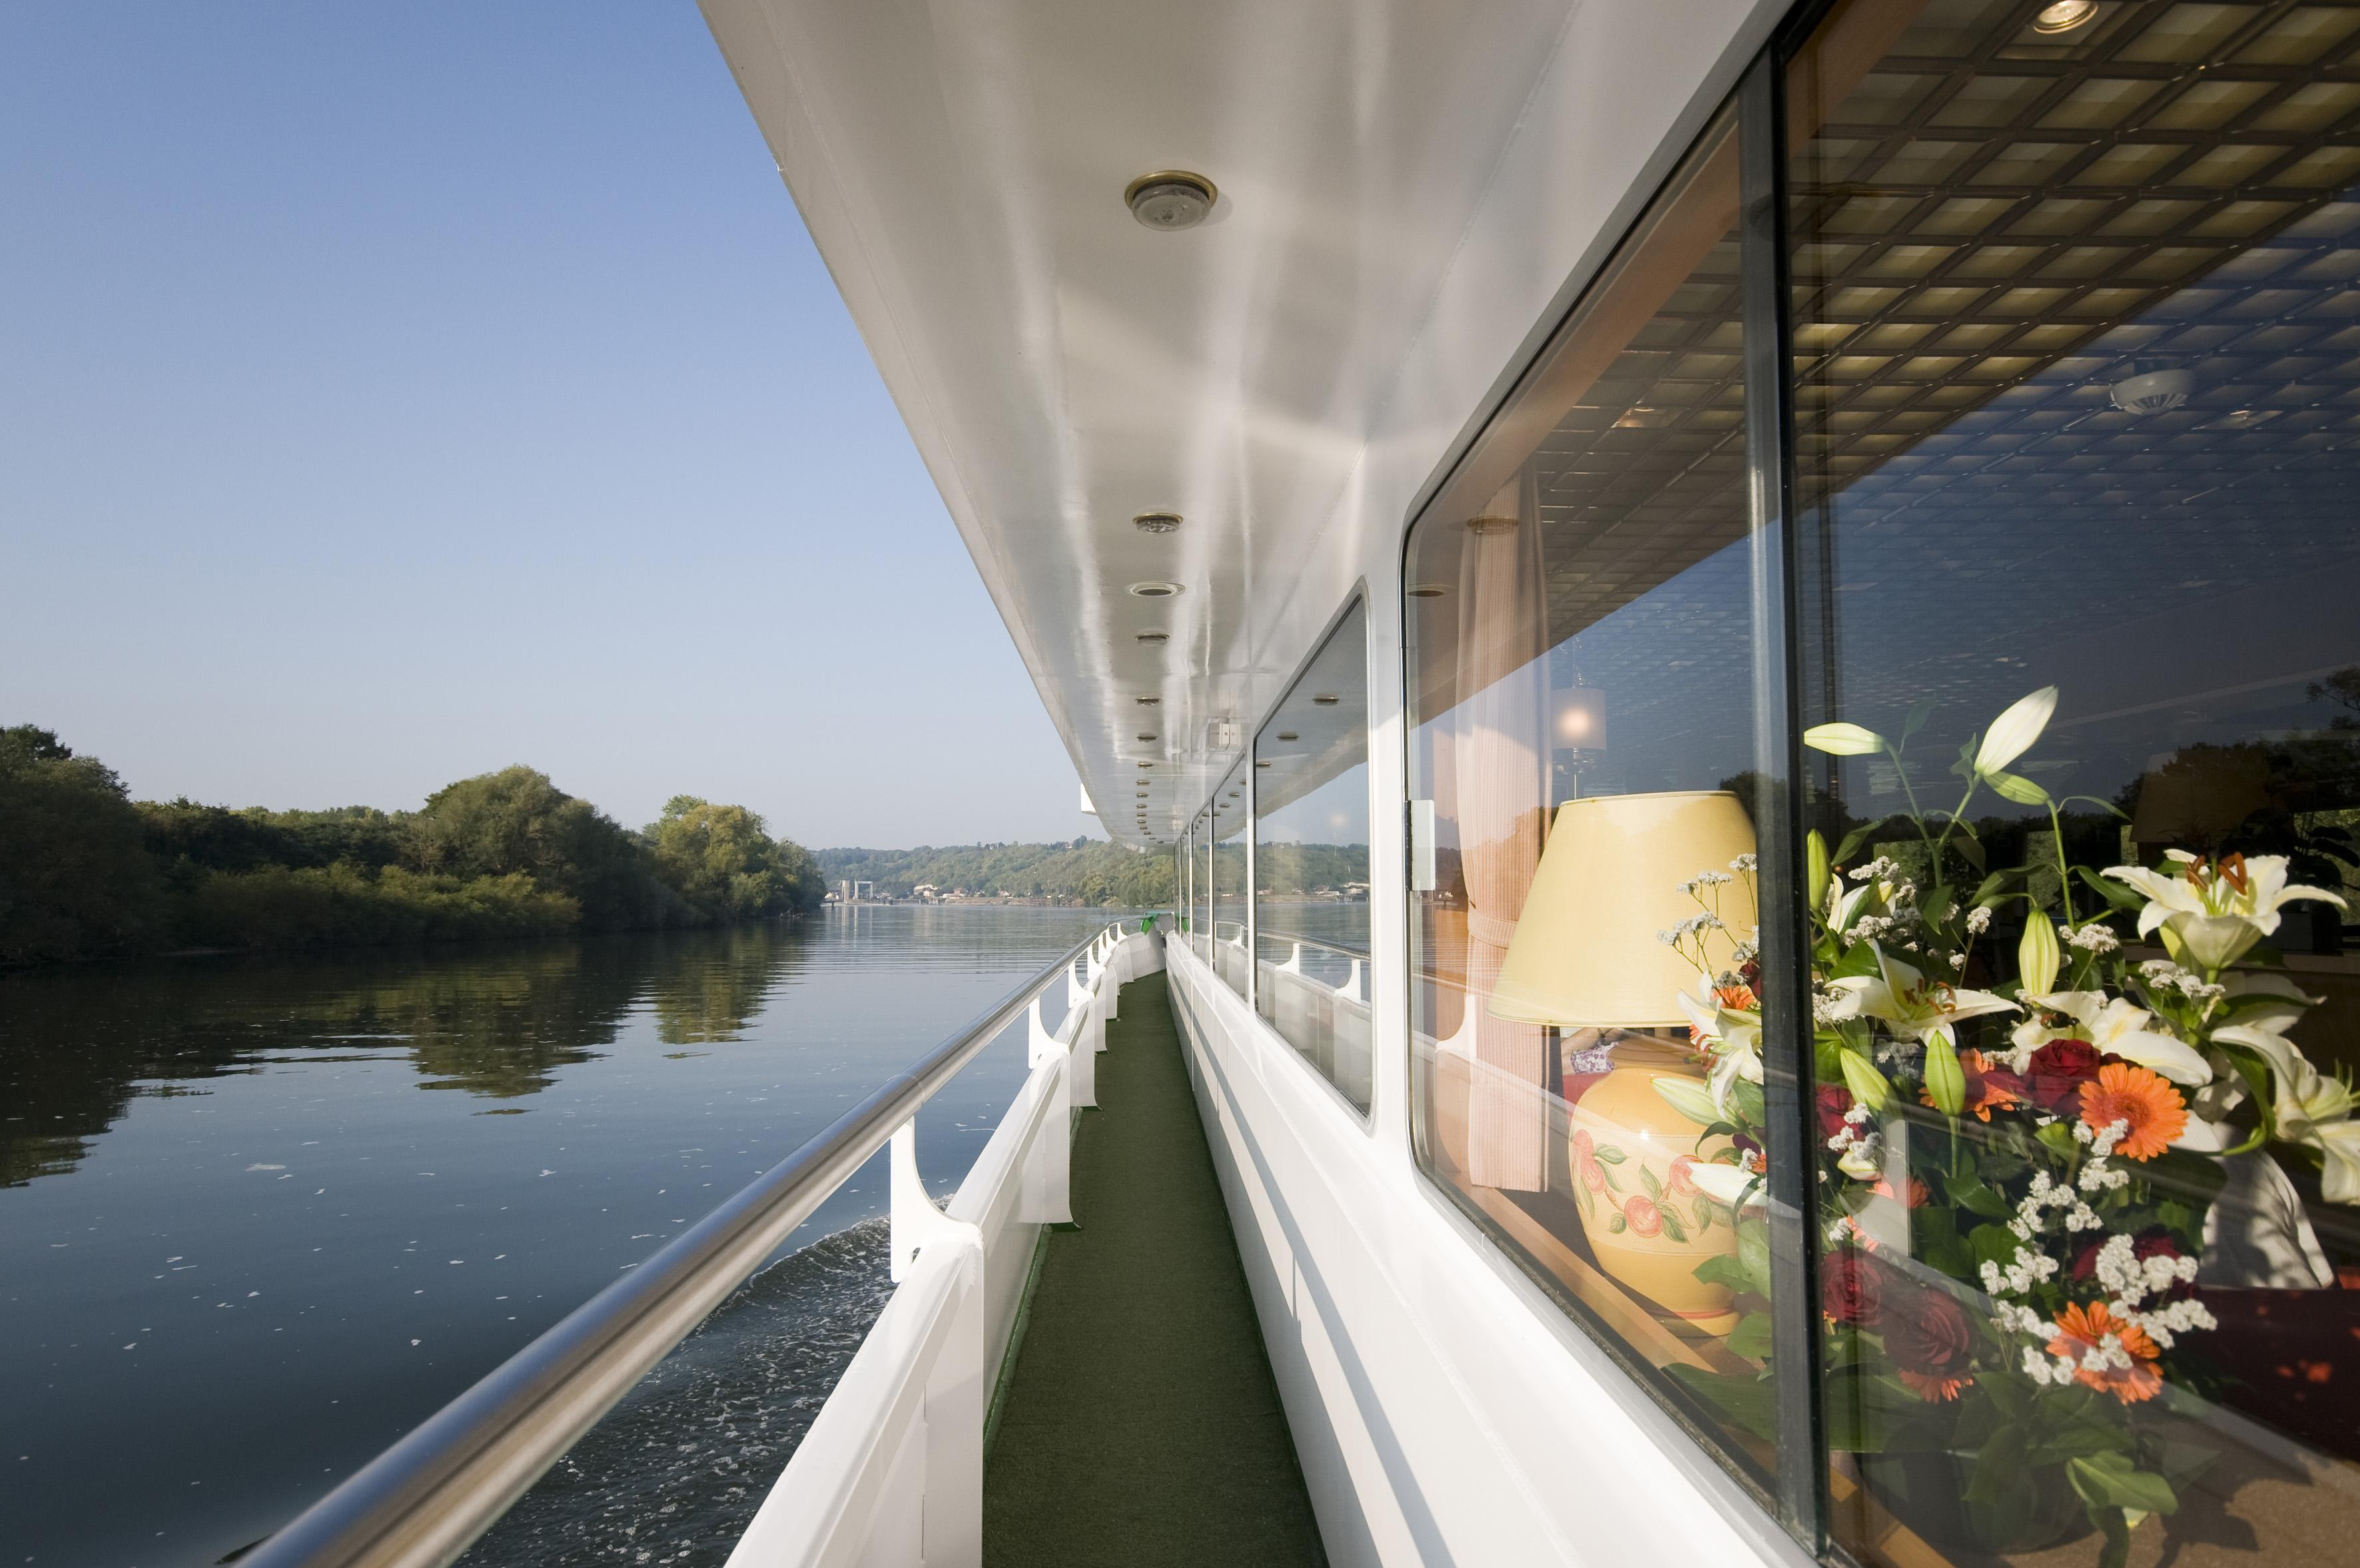 Flodkryssning på Seine